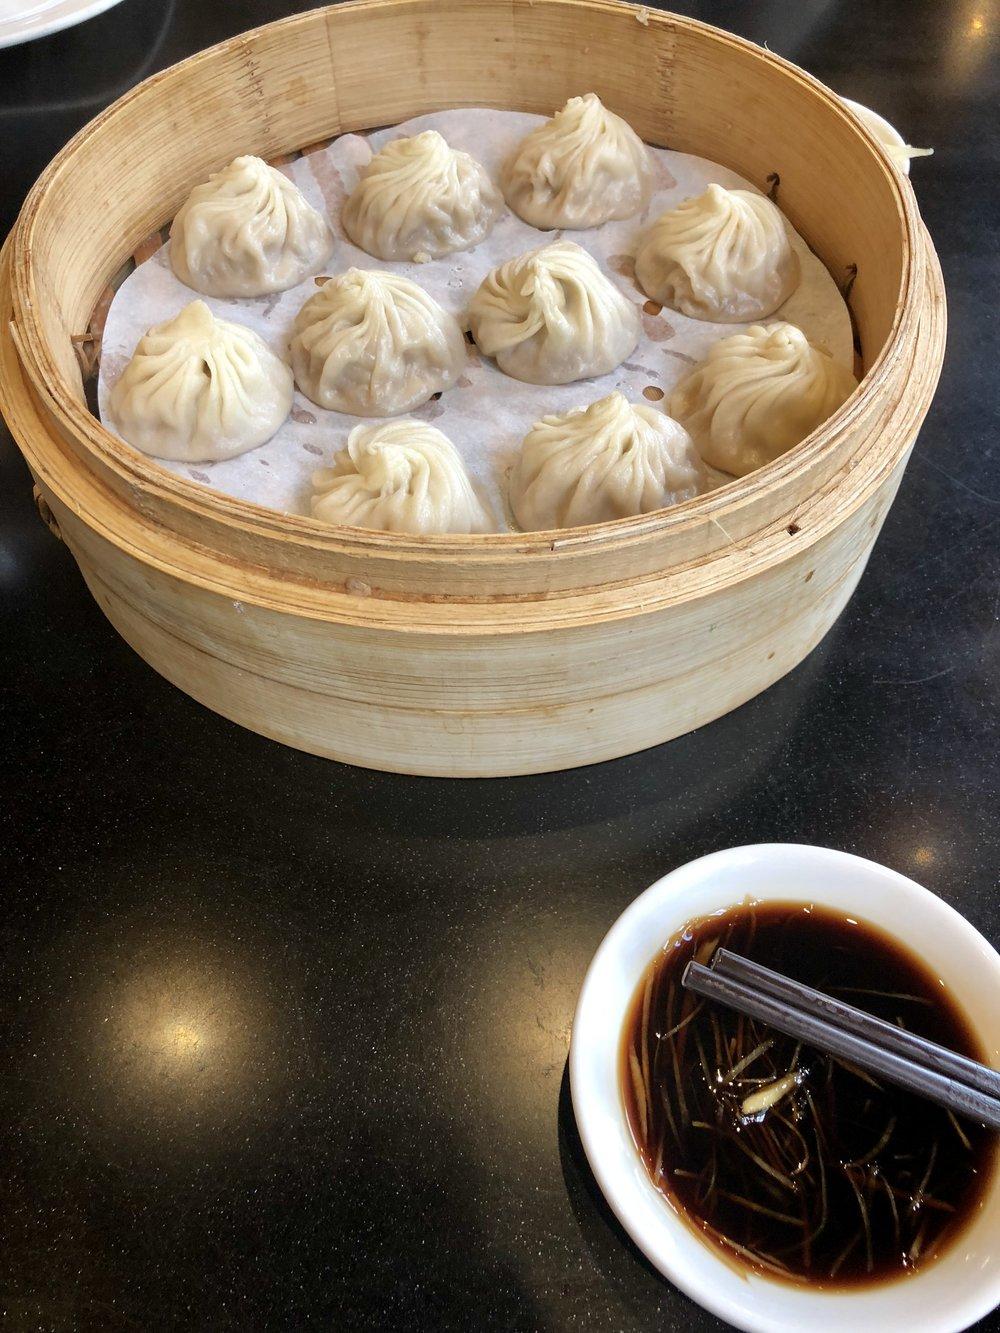 Soup dumpling were so good.